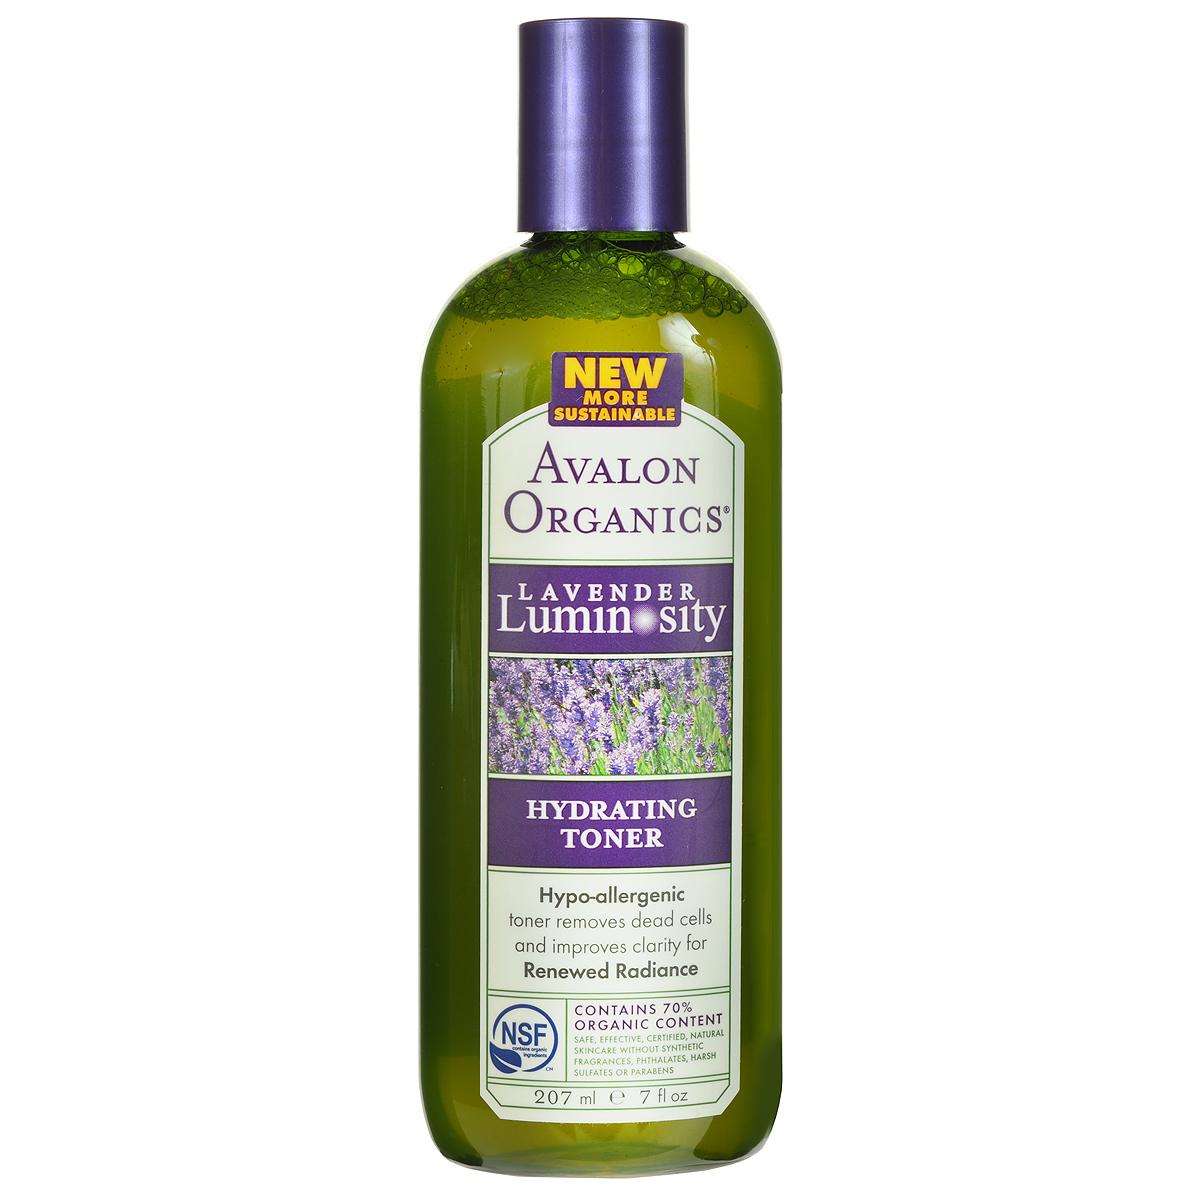 Avalon Organics Увлажняющий тоник Lavender Luminosity для кожи лица, 207 млAV35300Увлажняющий тоник Lavender Luminosity с экстрактом чайного гриба и витамина С увлажняет, очищает и помогает создать более изысканный тон и цвет кожи. Оказывает успокаивающее и смягчающее воздействие на кожу, способствует красивому ровному цвету и тону кожи. Способ применения: наносить ежедневно на кожу после очищения.